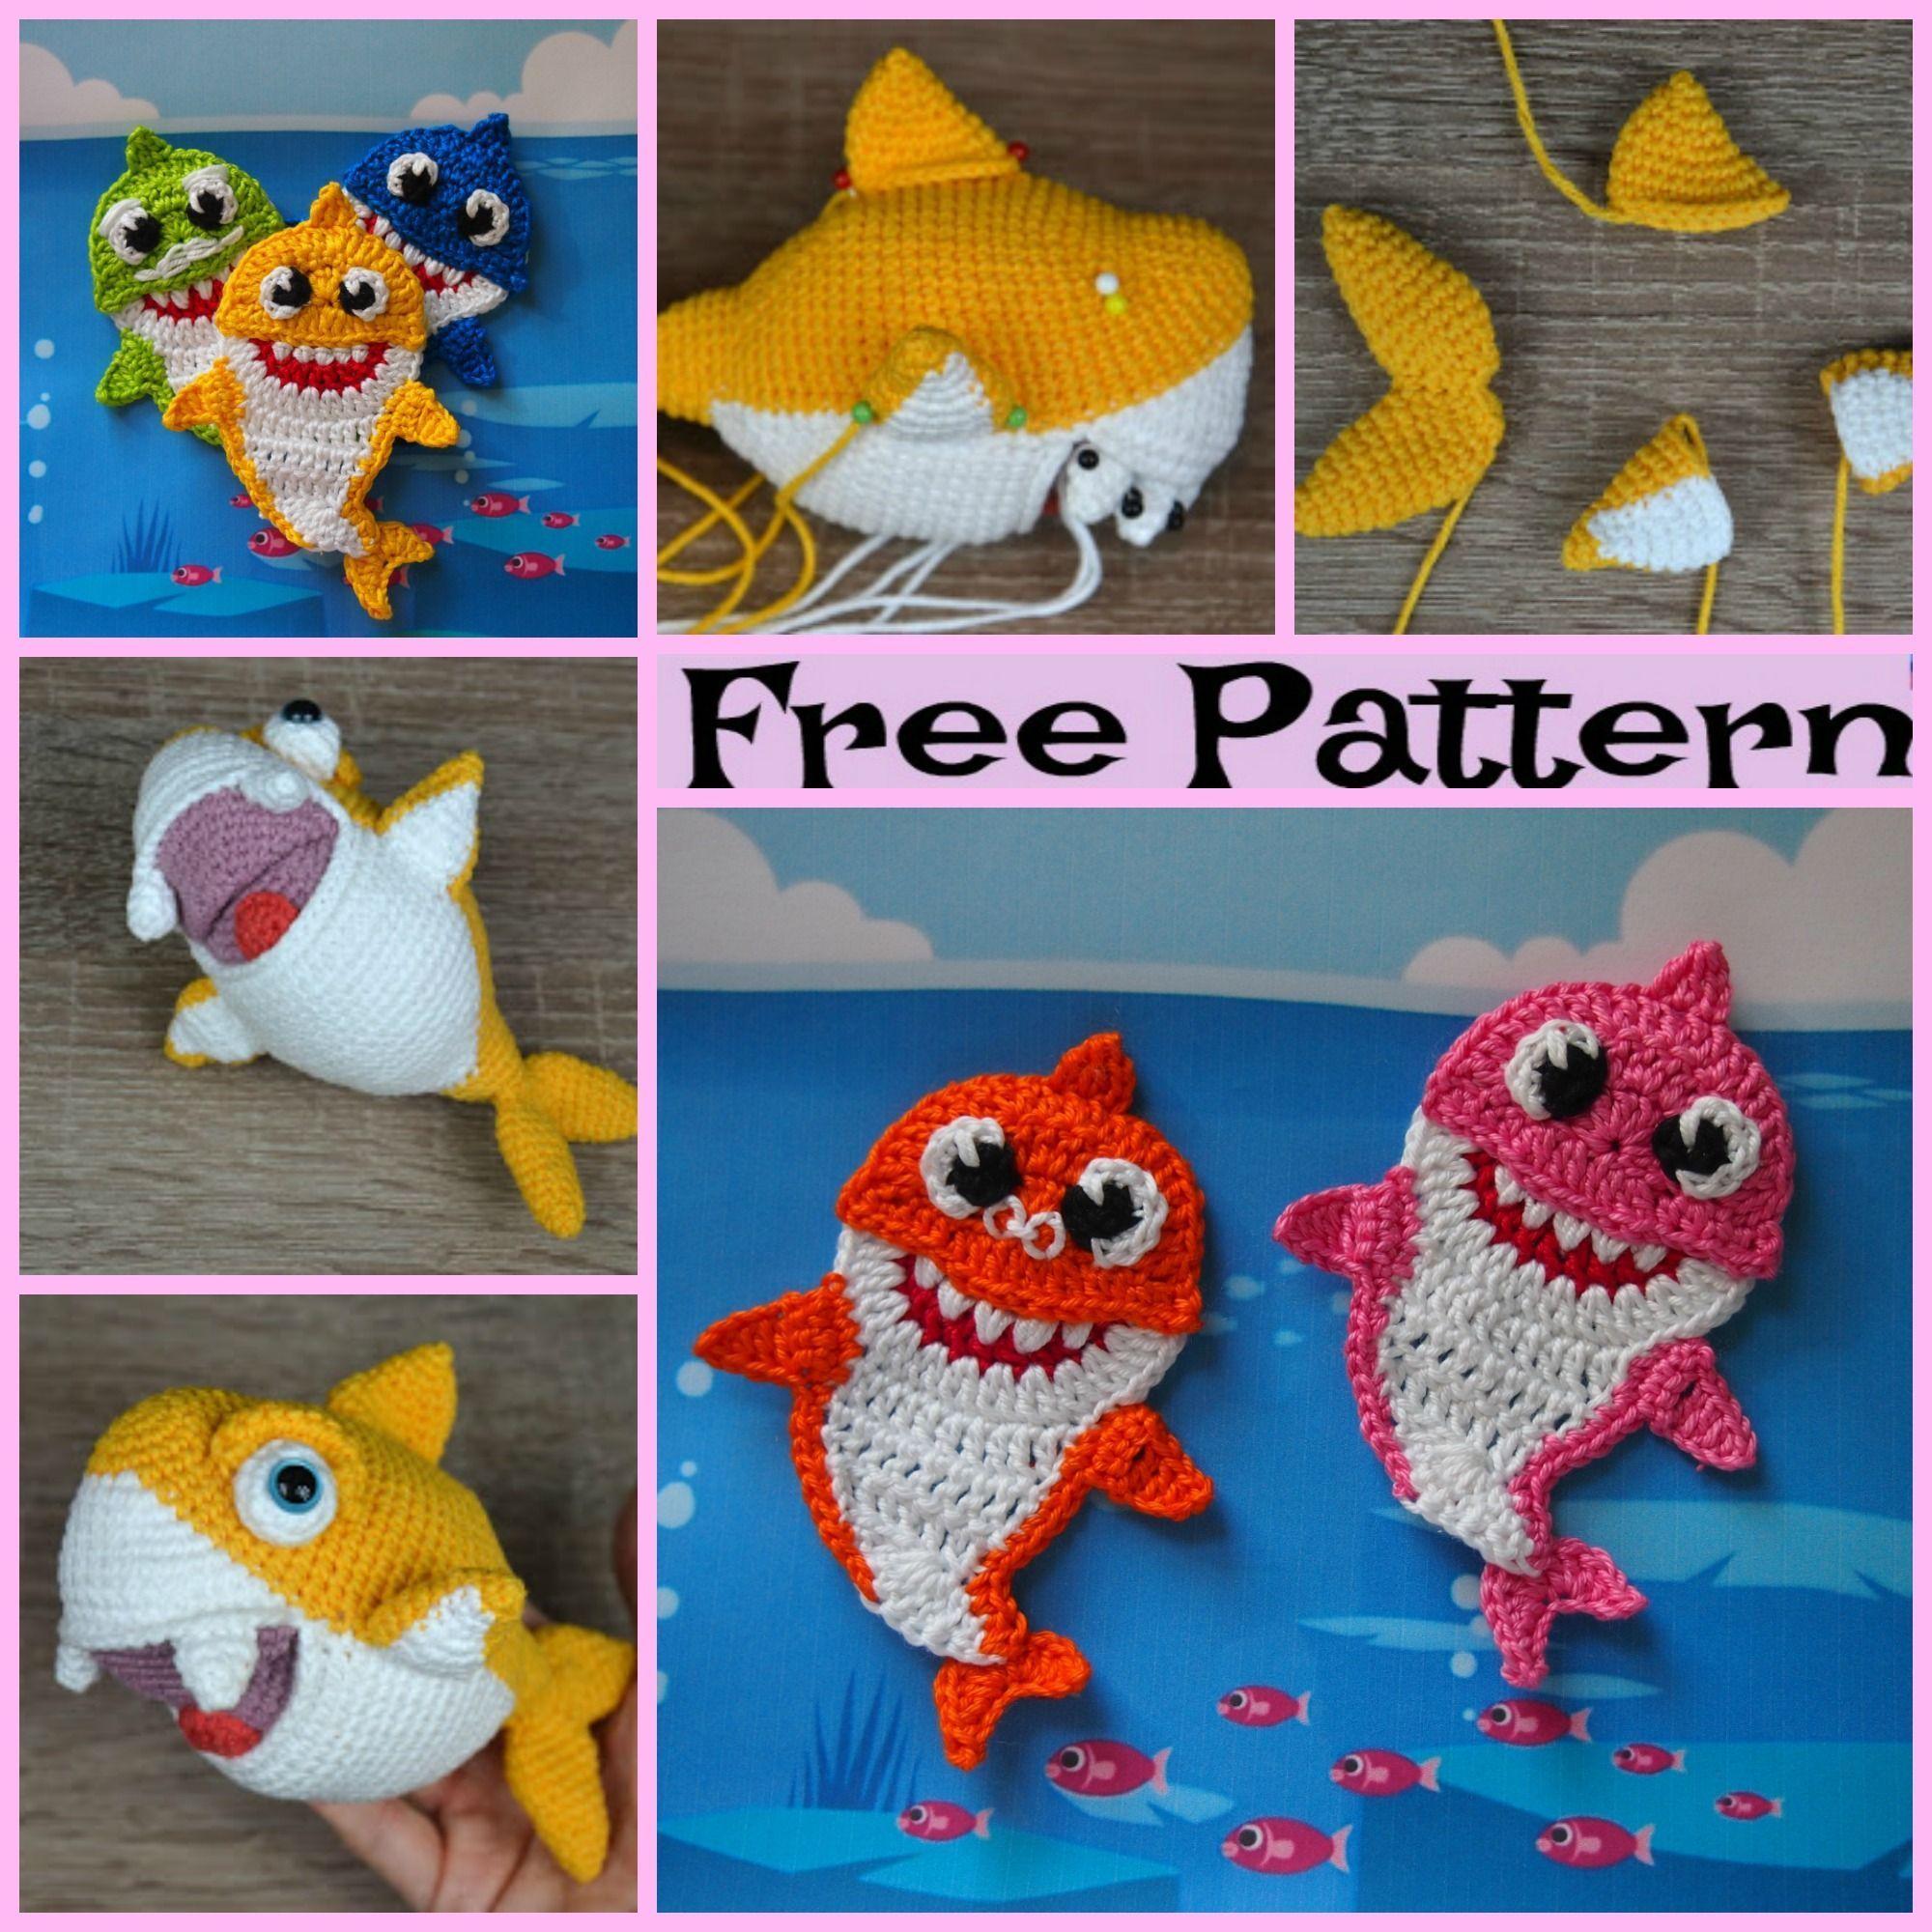 Master Aoi the baby shark amigurumi pattern - Amigurumipatterns.net | 2000x2000